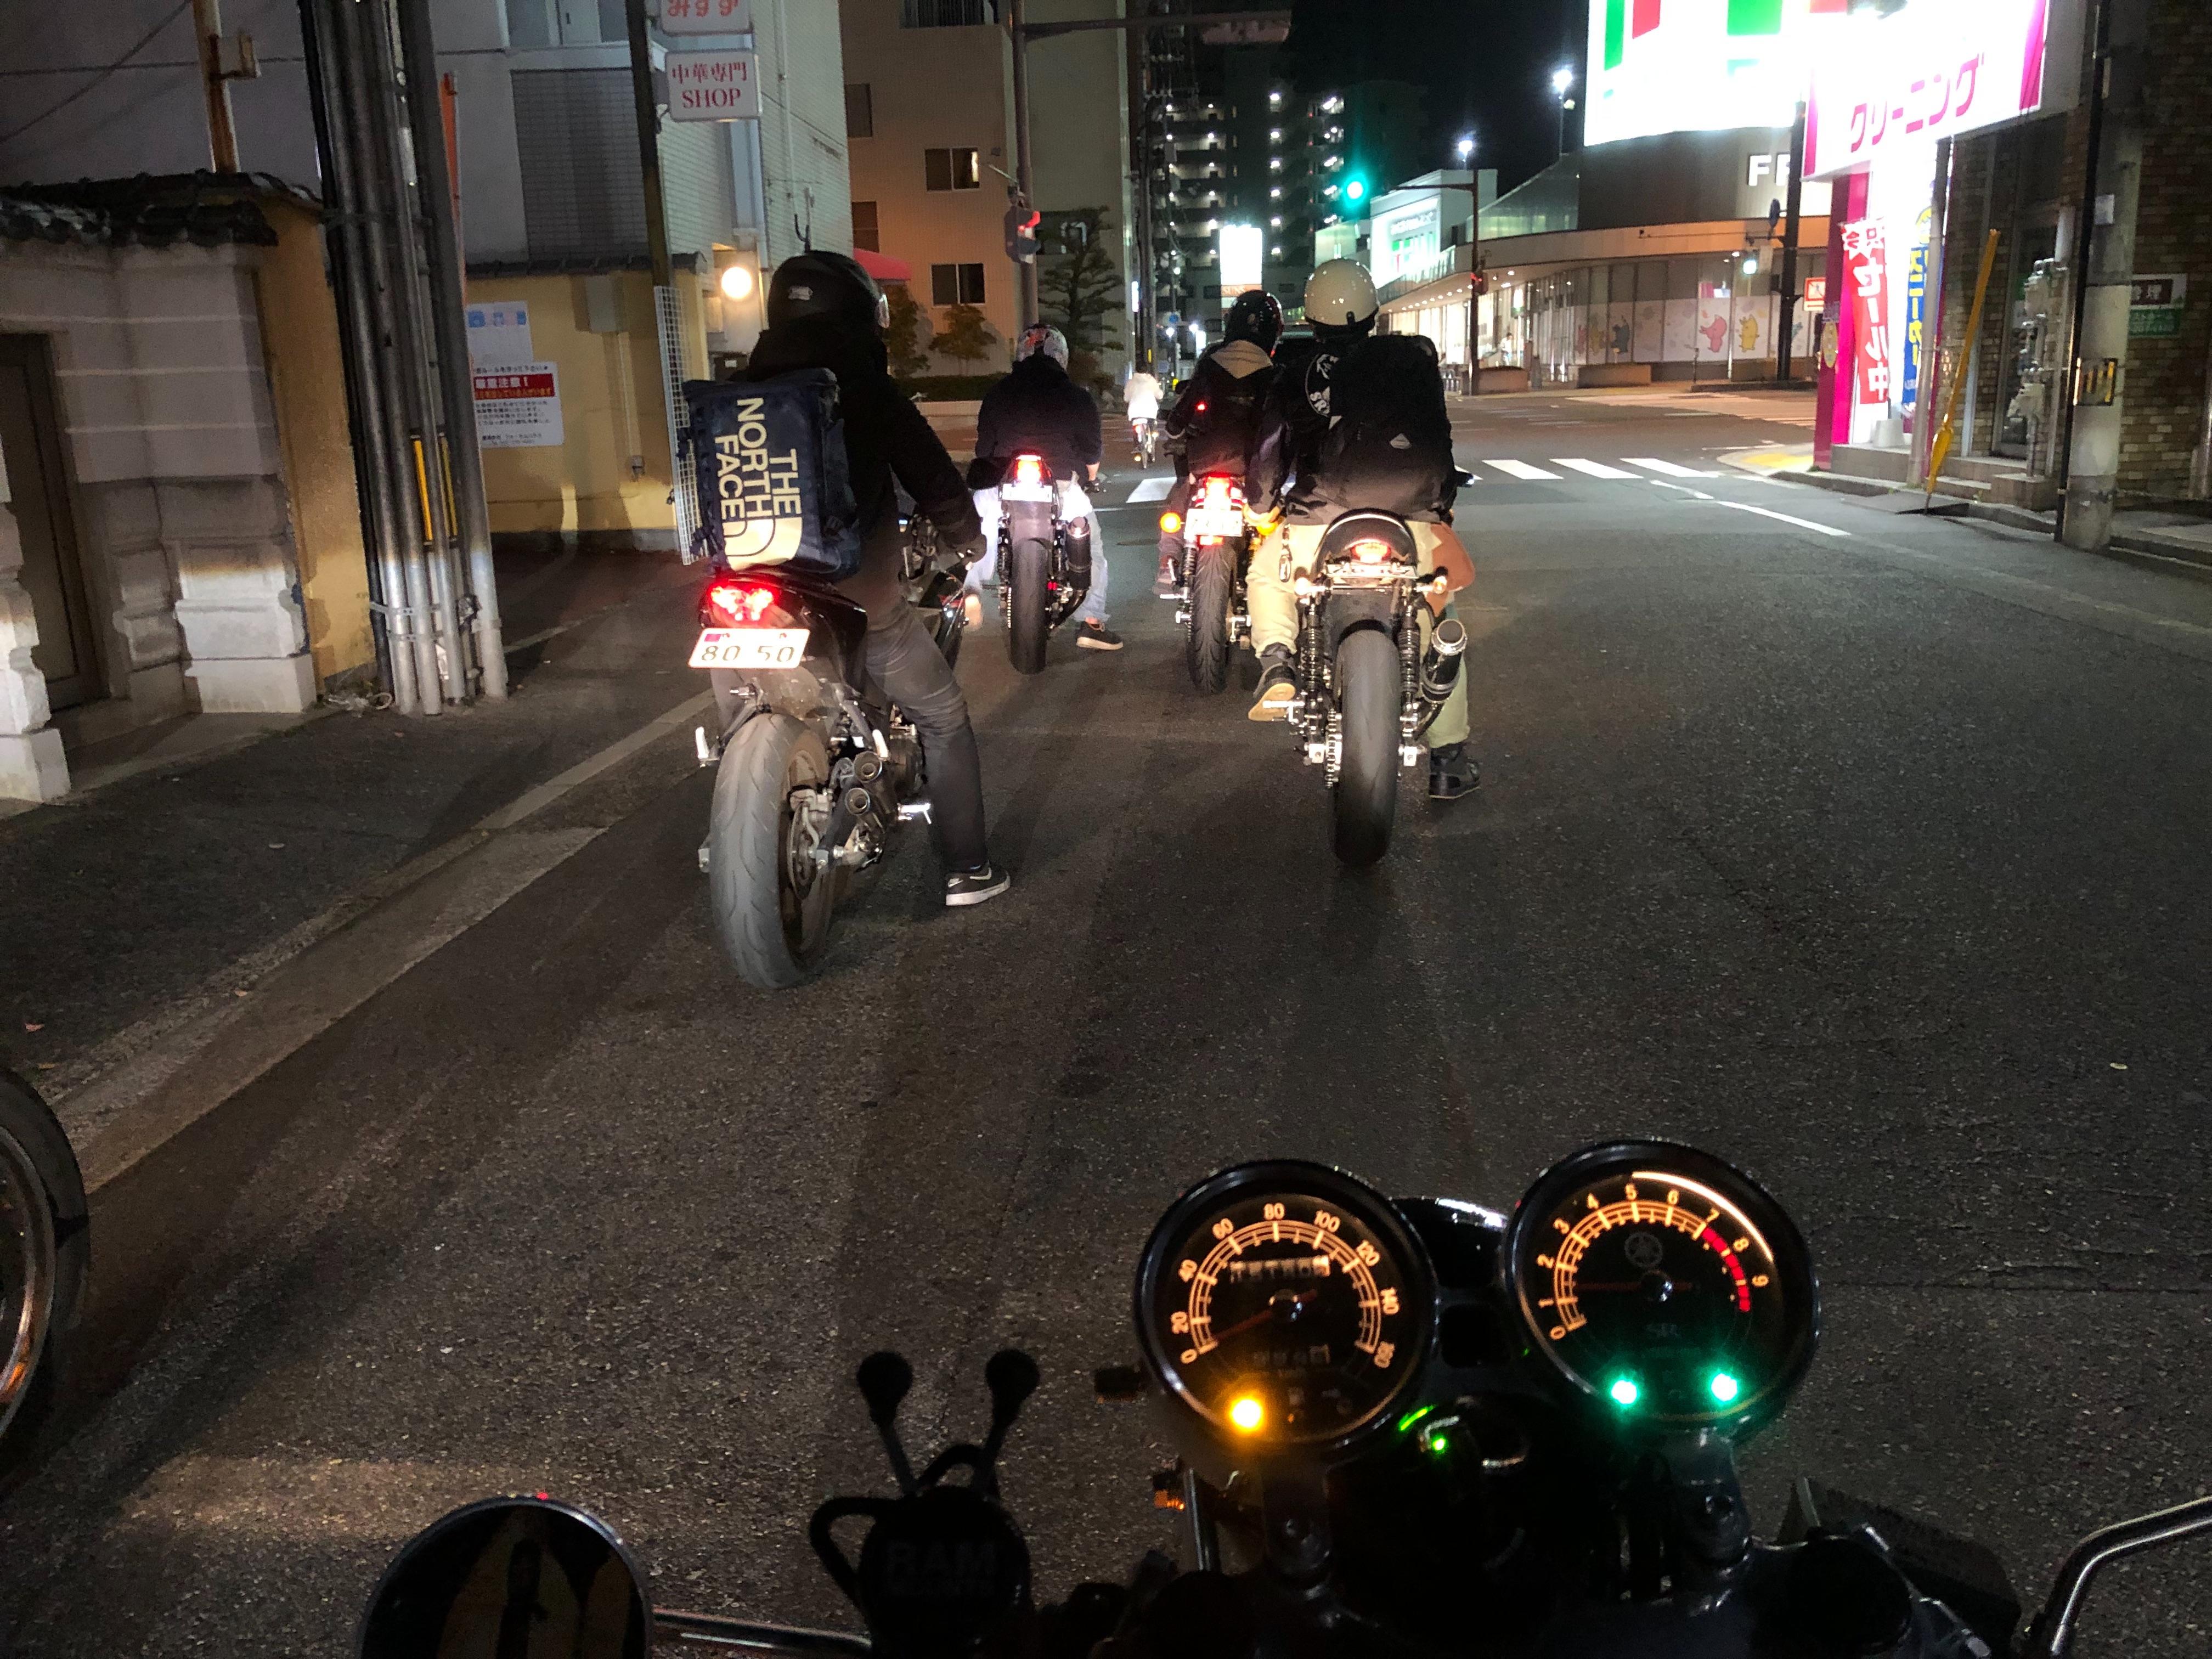 f:id:yukiaveiro:20190827202122j:image